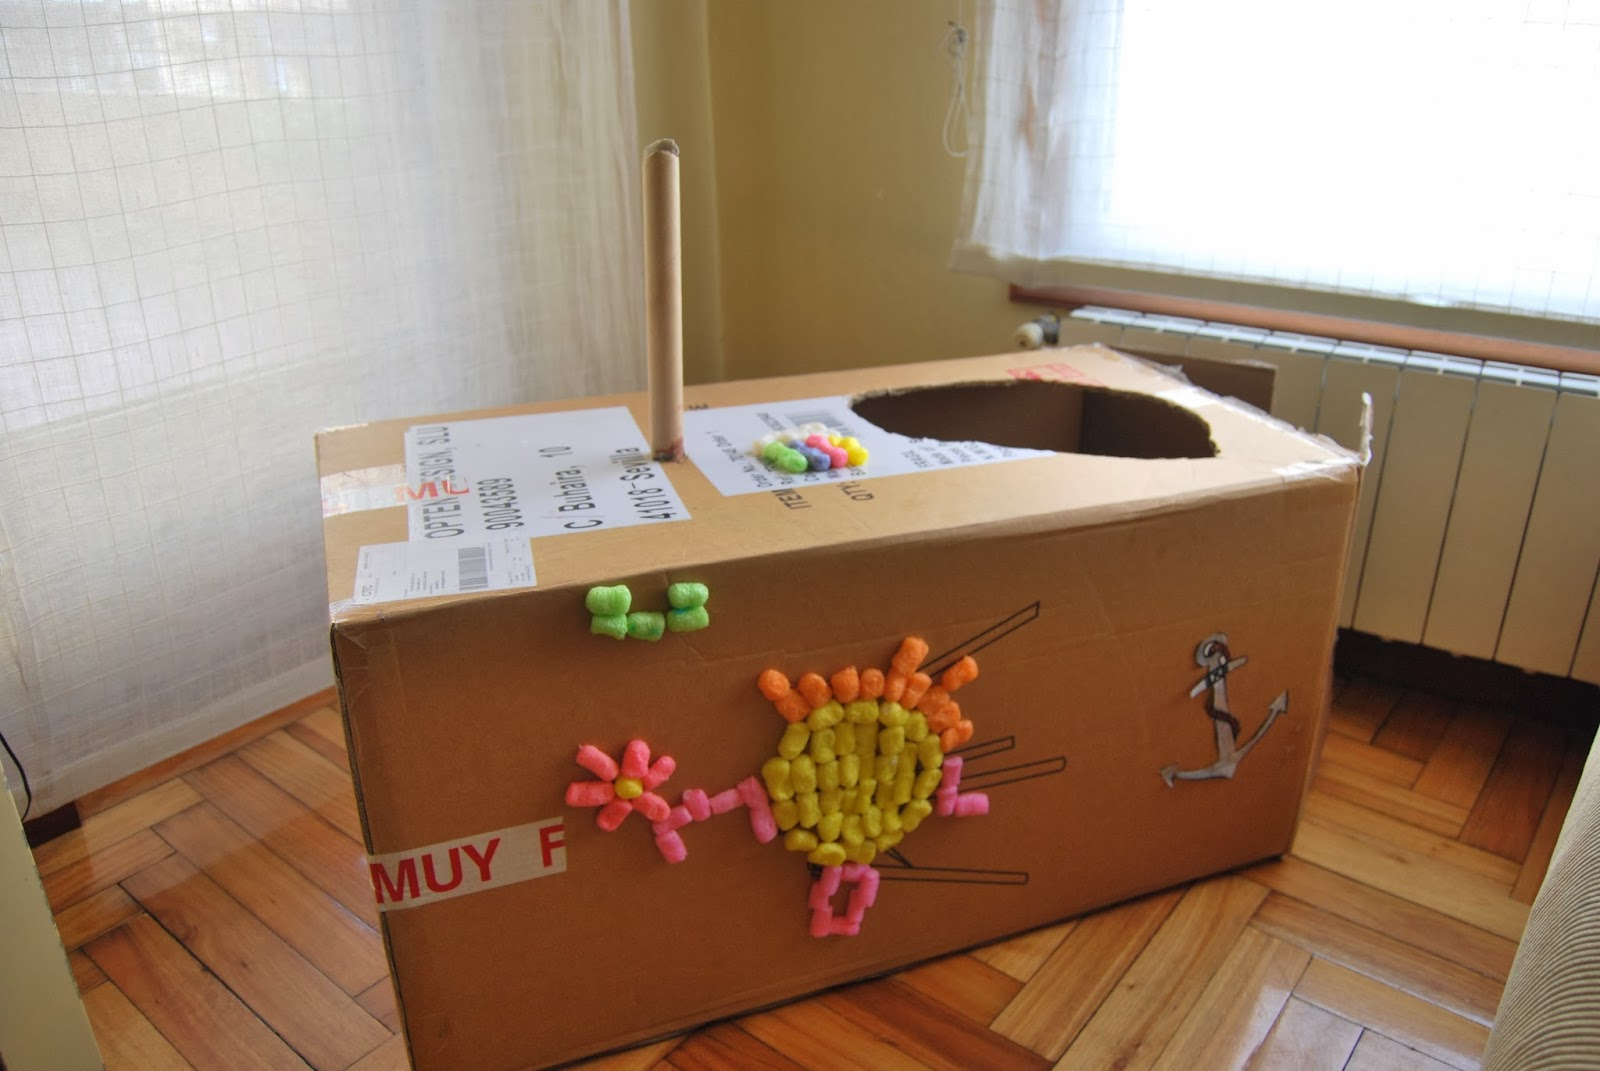 http://sosunnyblog.blogspot.com.es/2014/01/dos-cajas-un-kiosco-y-un-submarino-arte.html